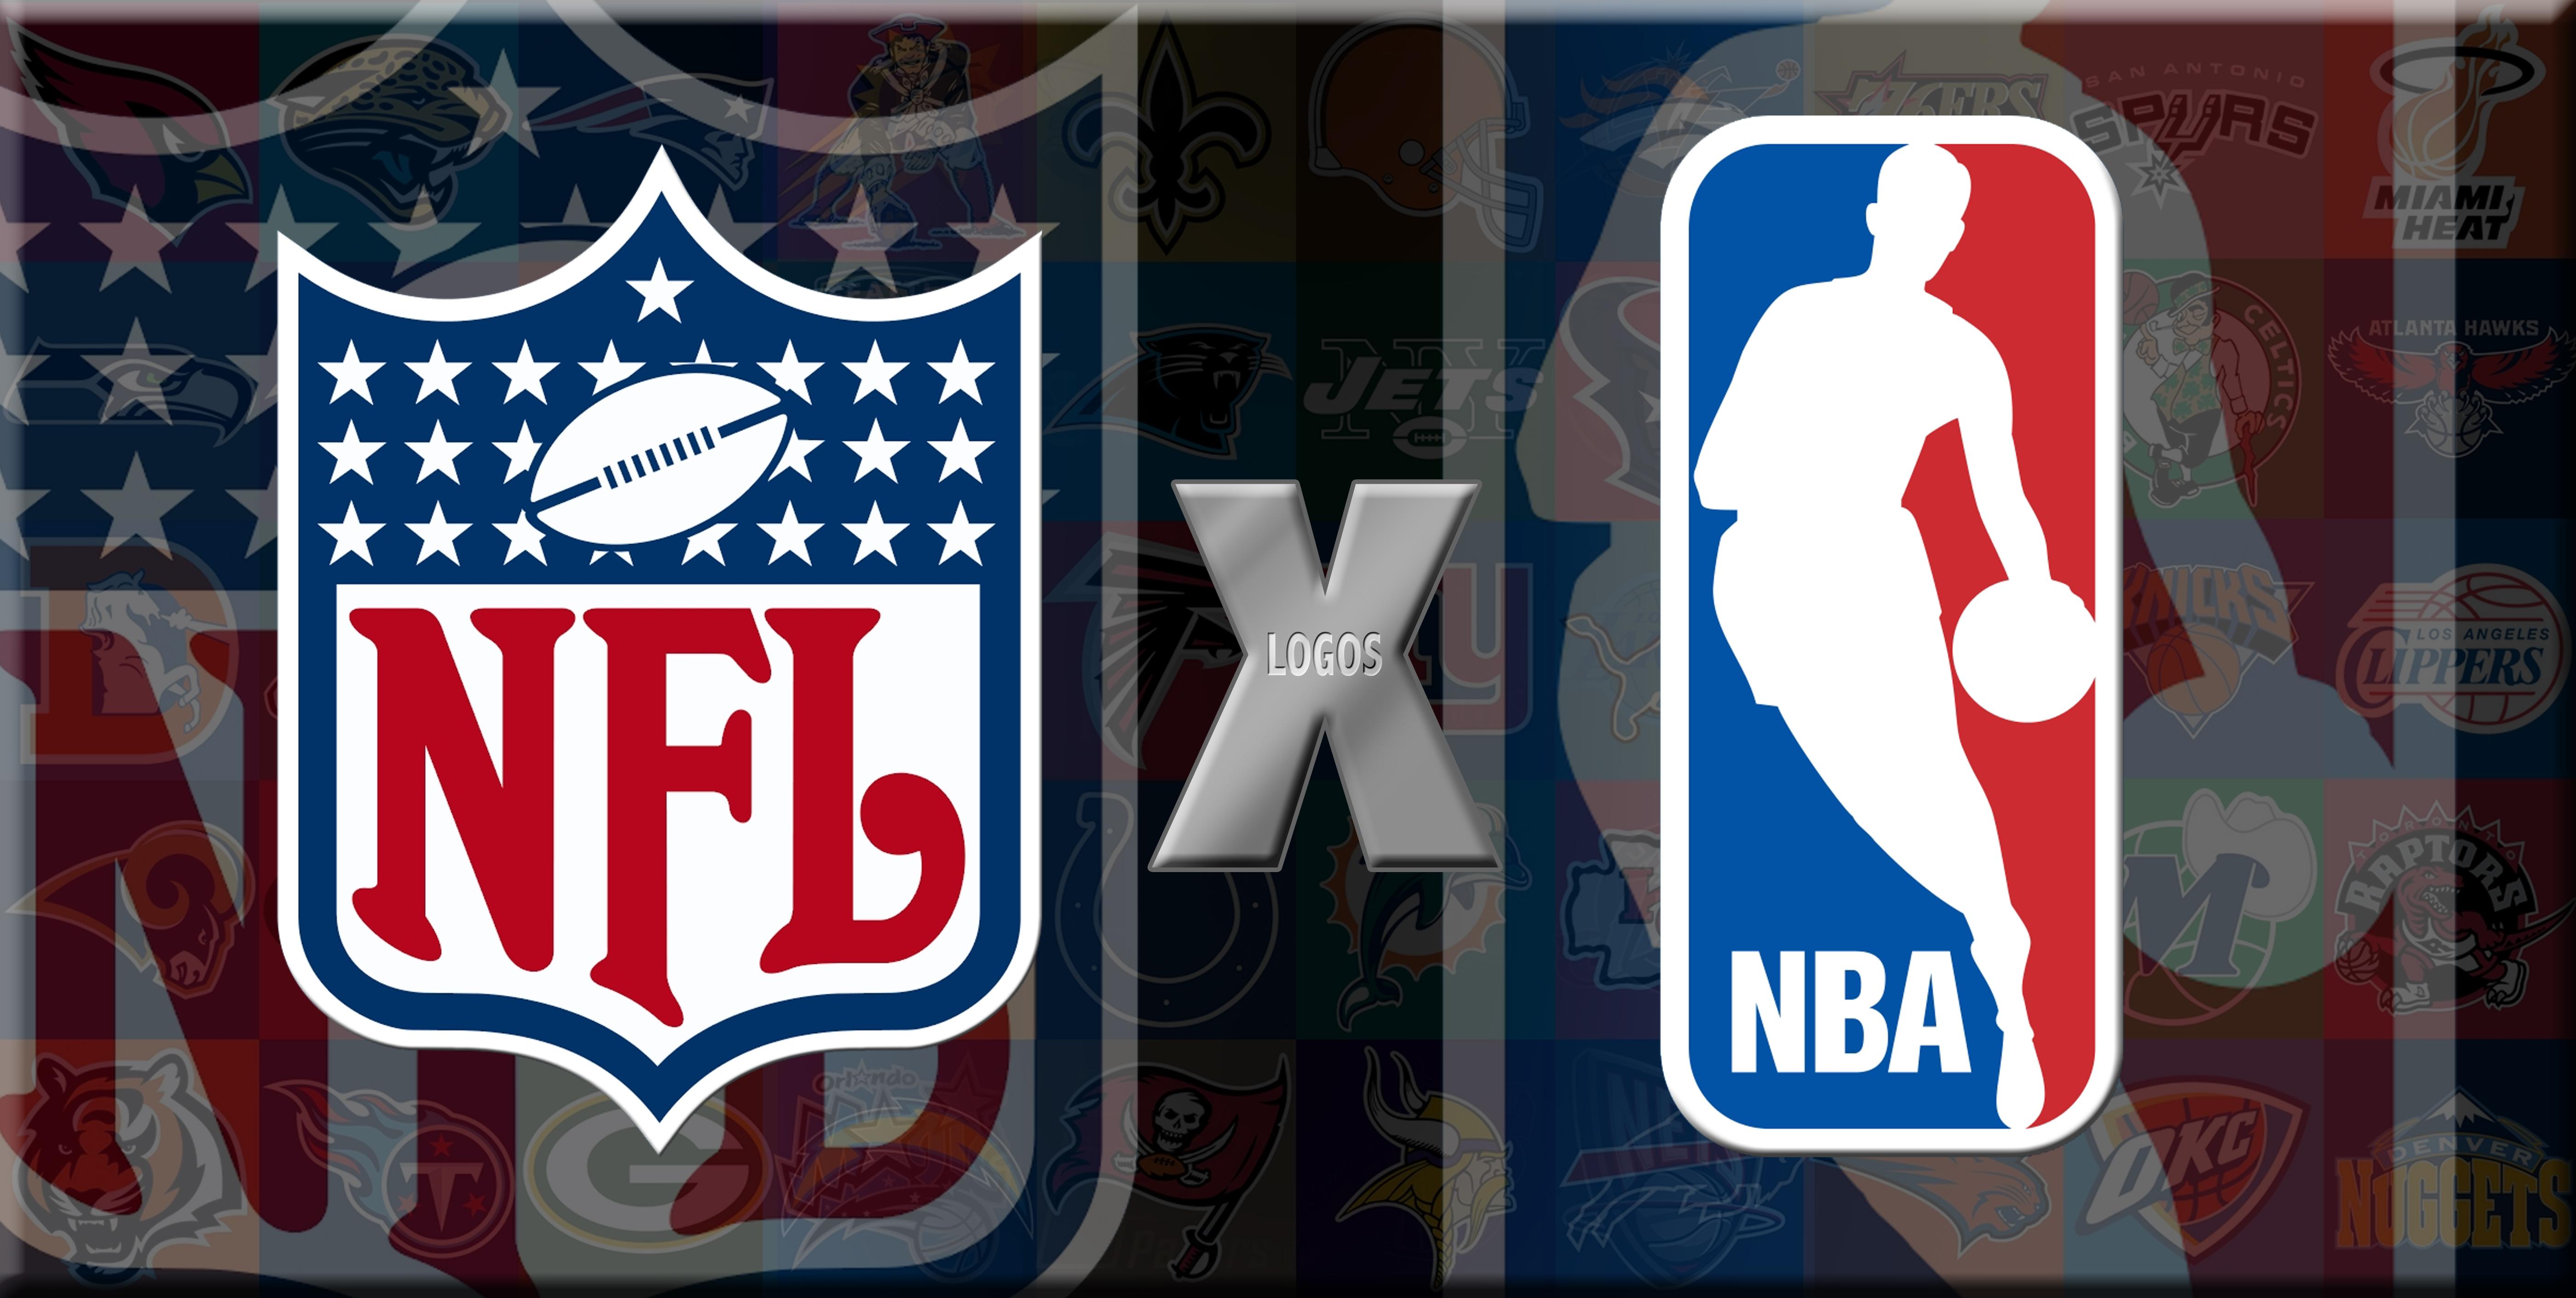 [NFL] I Logo delle squadre NFL come se fossero nella NBA